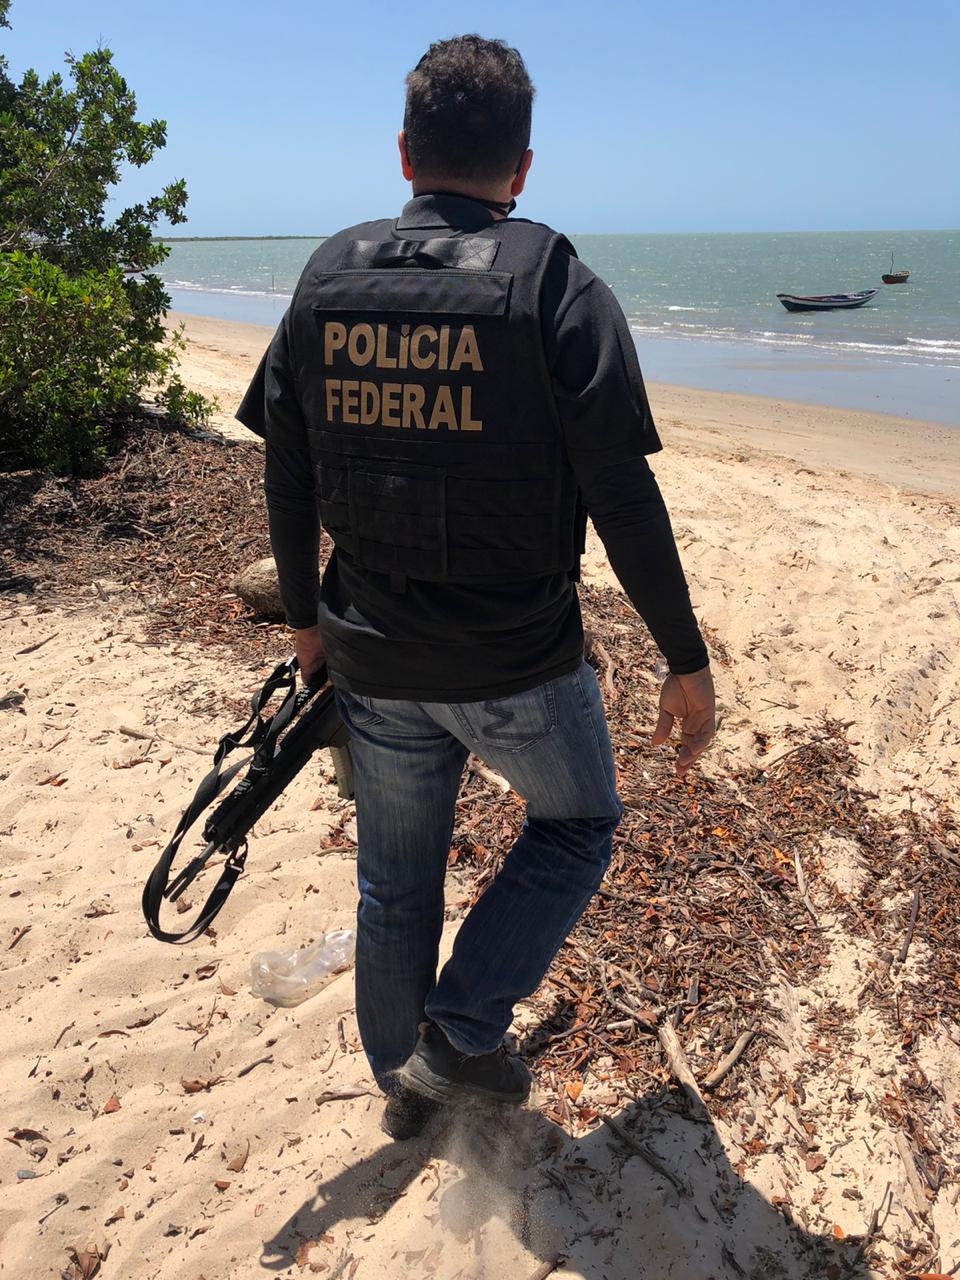 Polícia Federal se encontra no local da ocorrência (Divulgação)